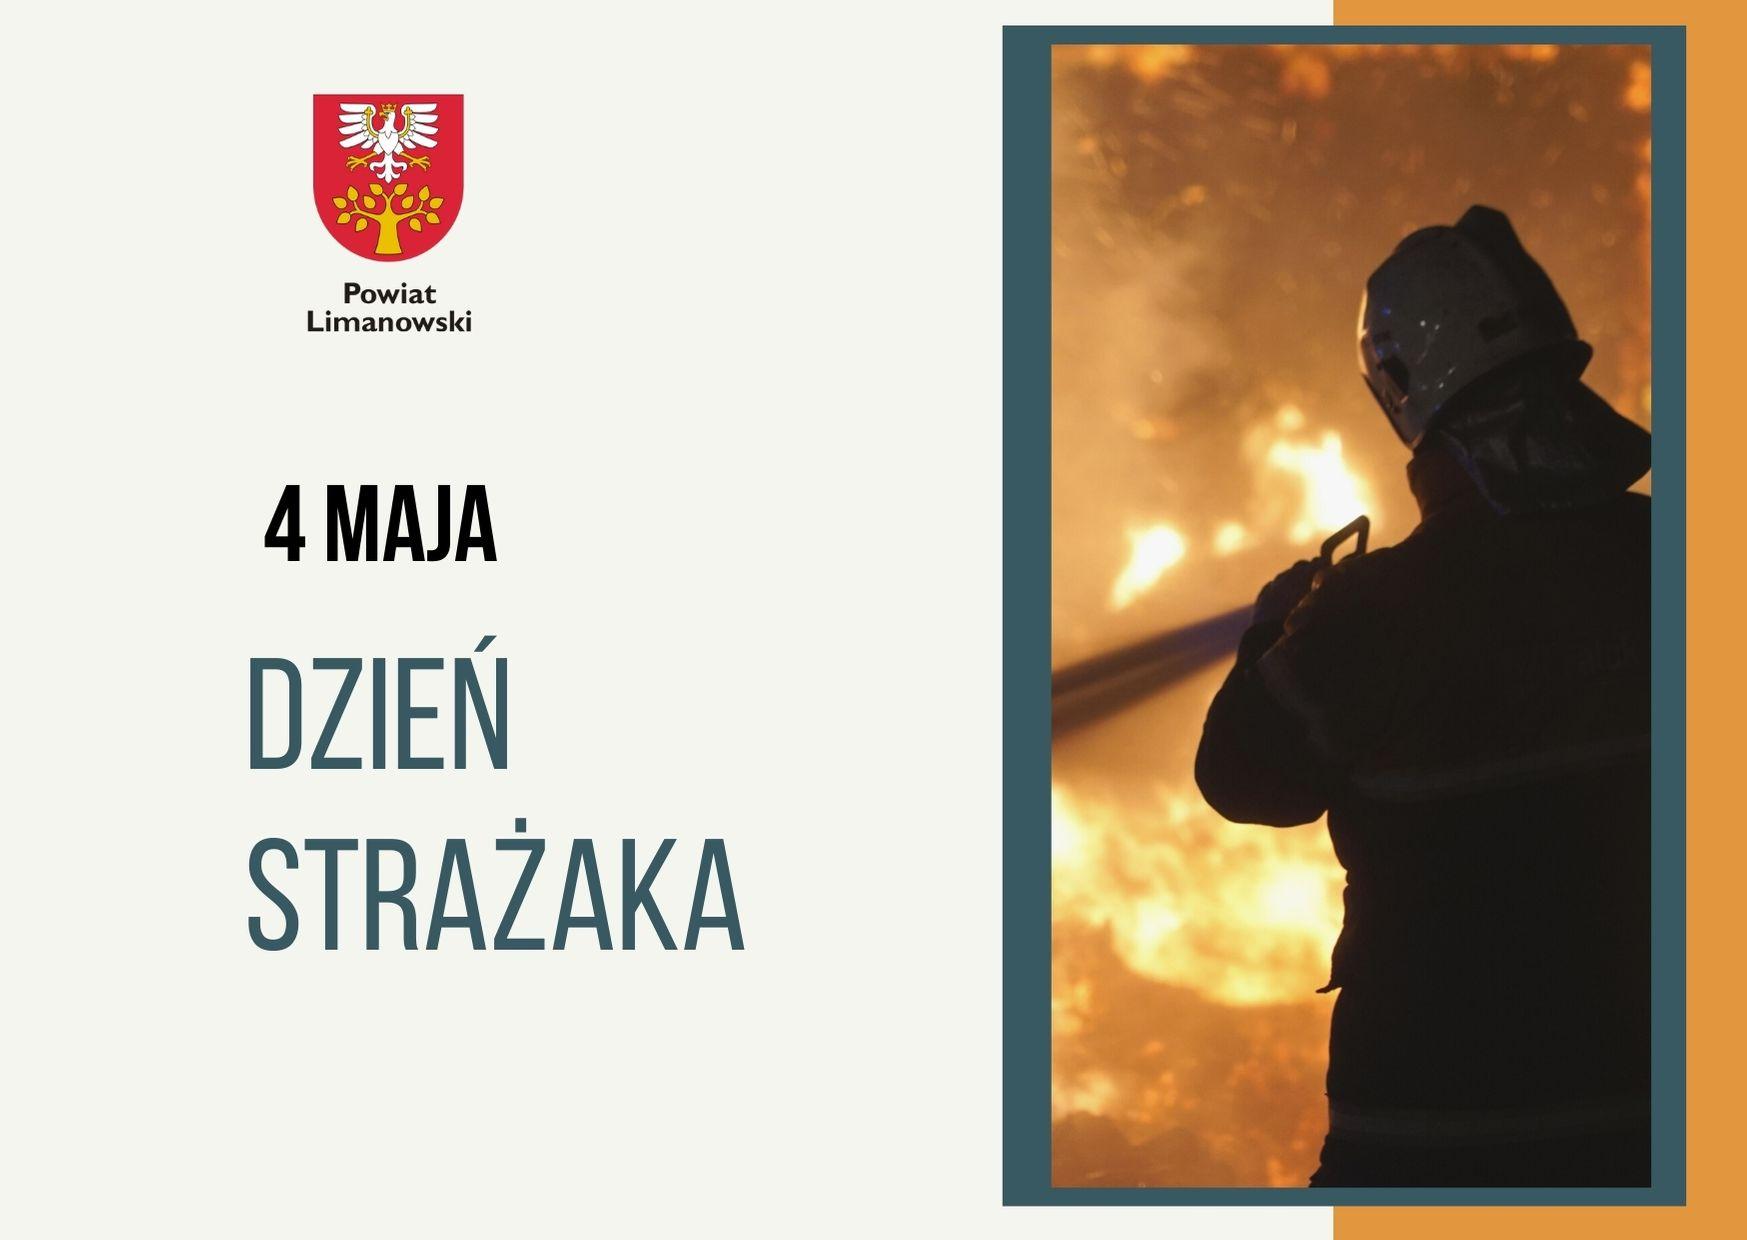 Plakat. Napis 4 maja DZIEŃ STRAŻAKA. Zdjęcie gaszącego pożara druha.